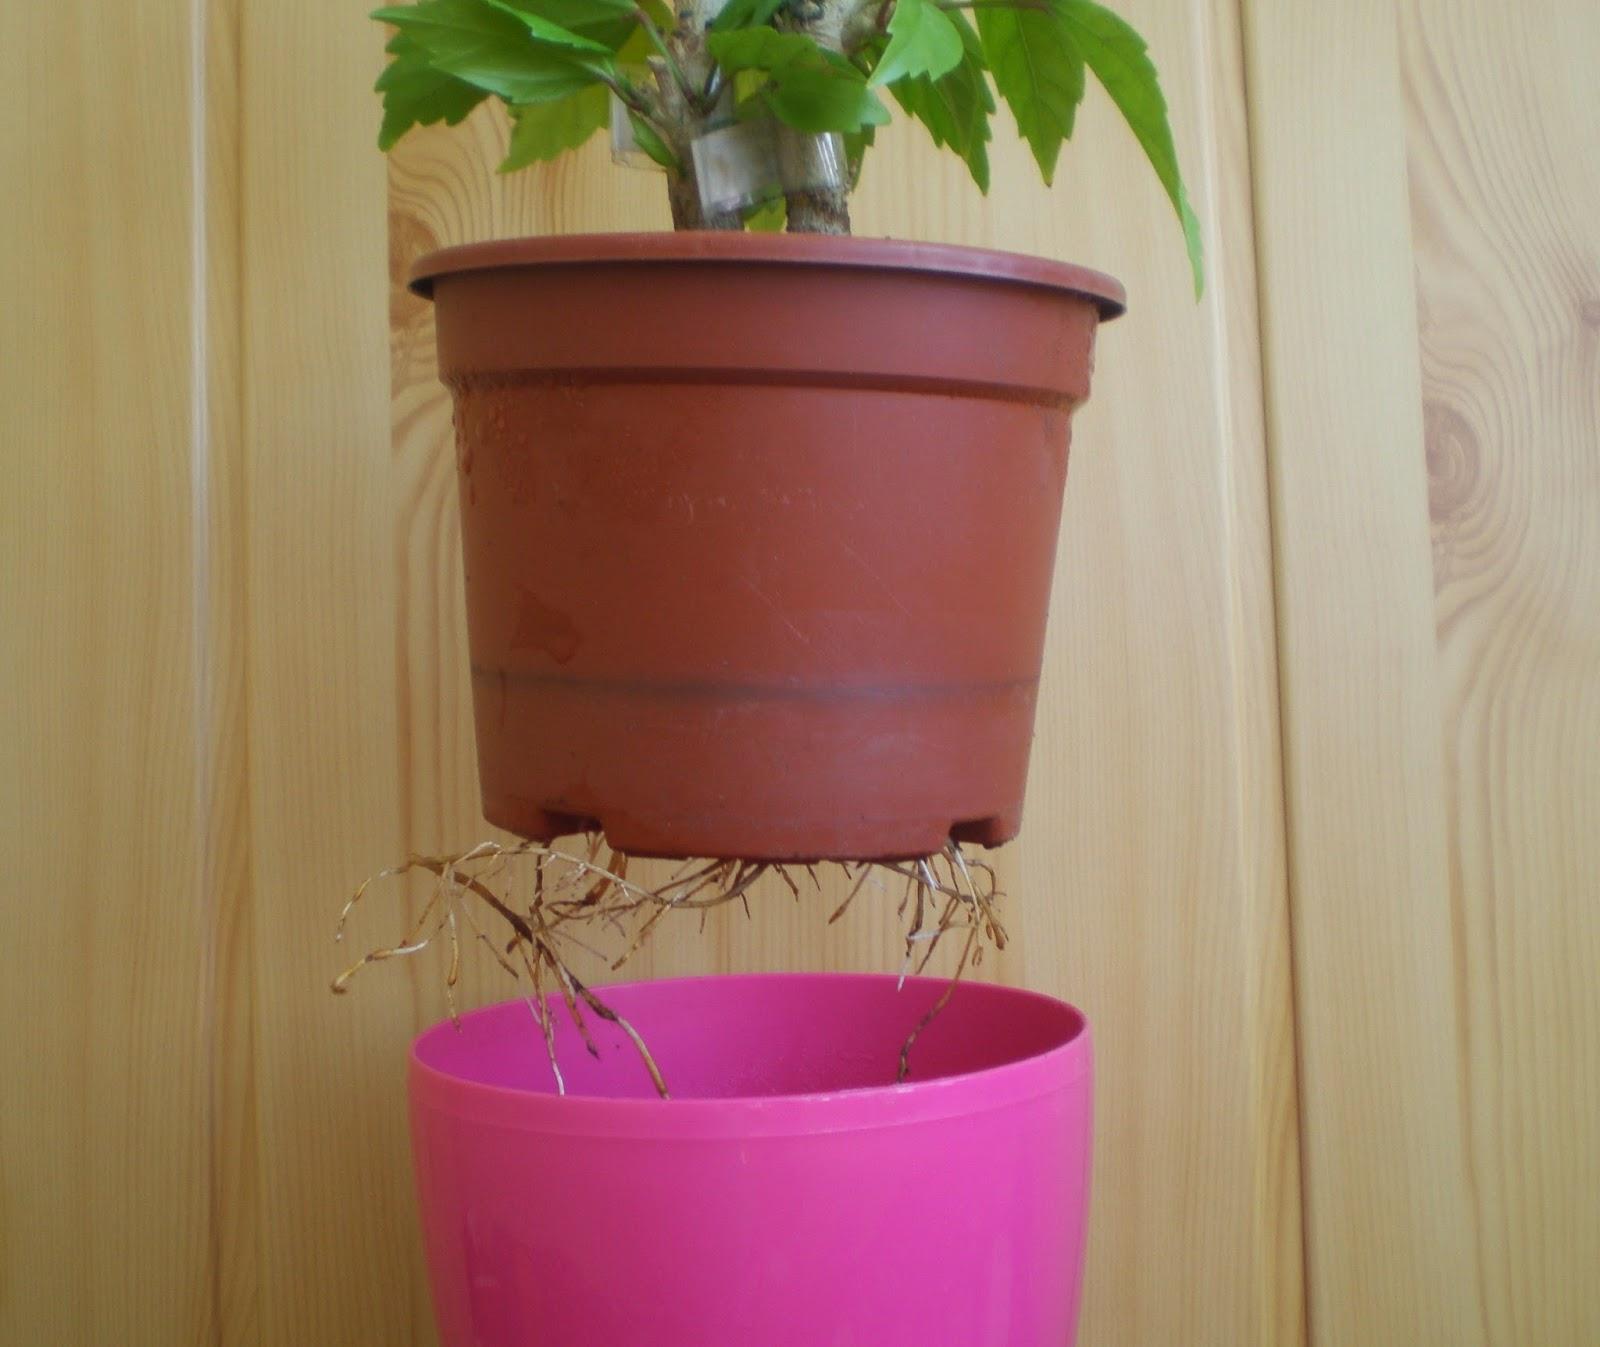 когда корни вылезли гибискус нужно пересаживать